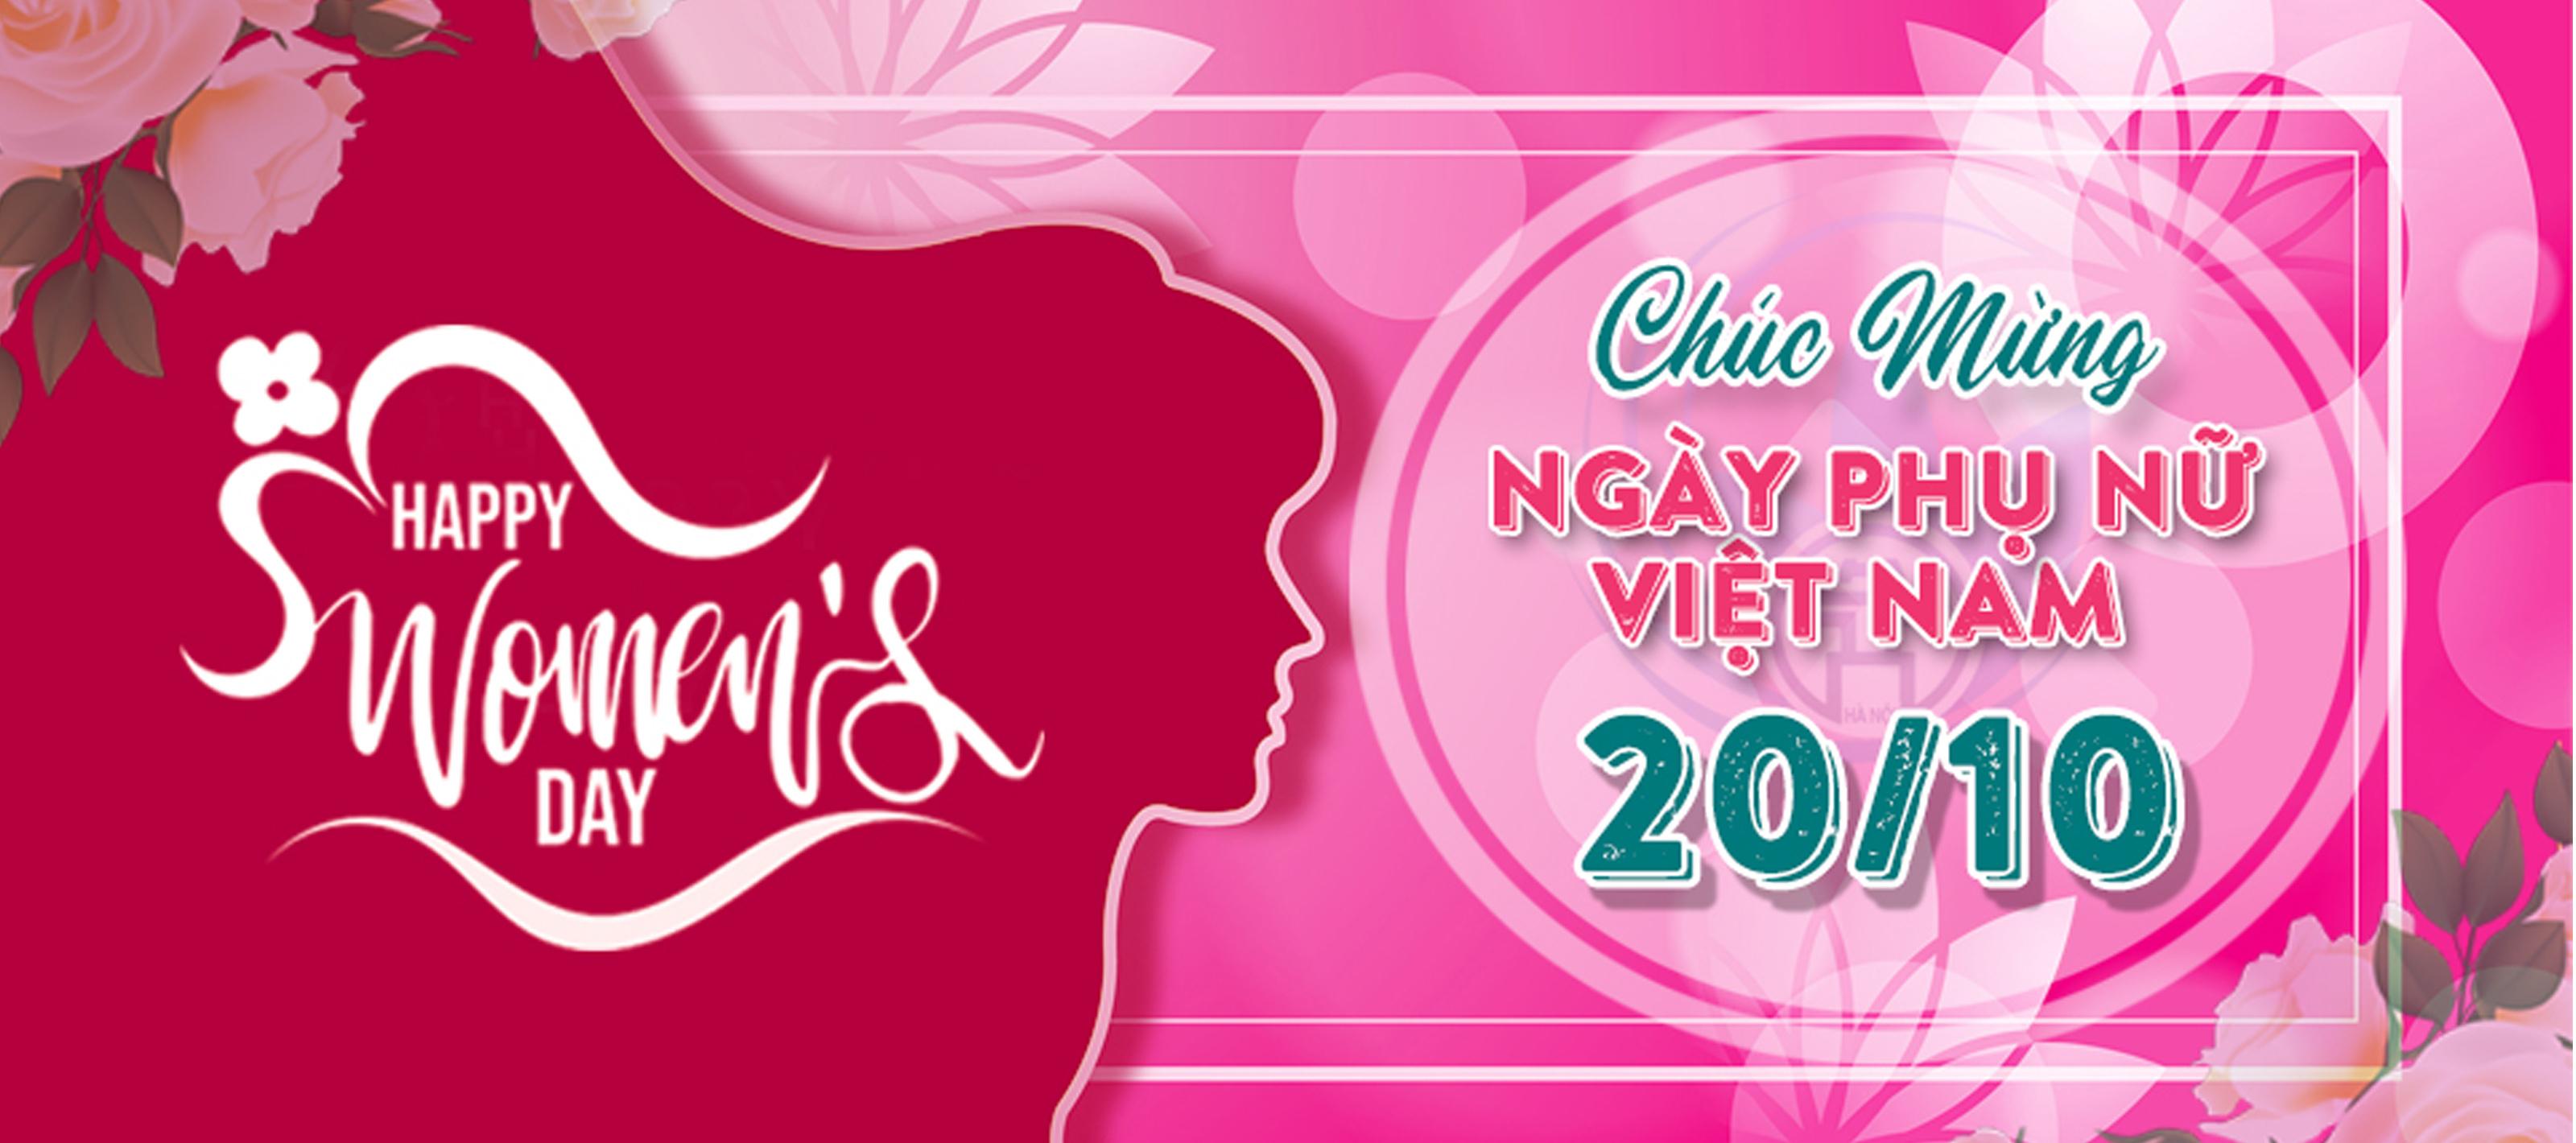 Chúc mừng ngày Phụ nữ Việt Nam 20/11